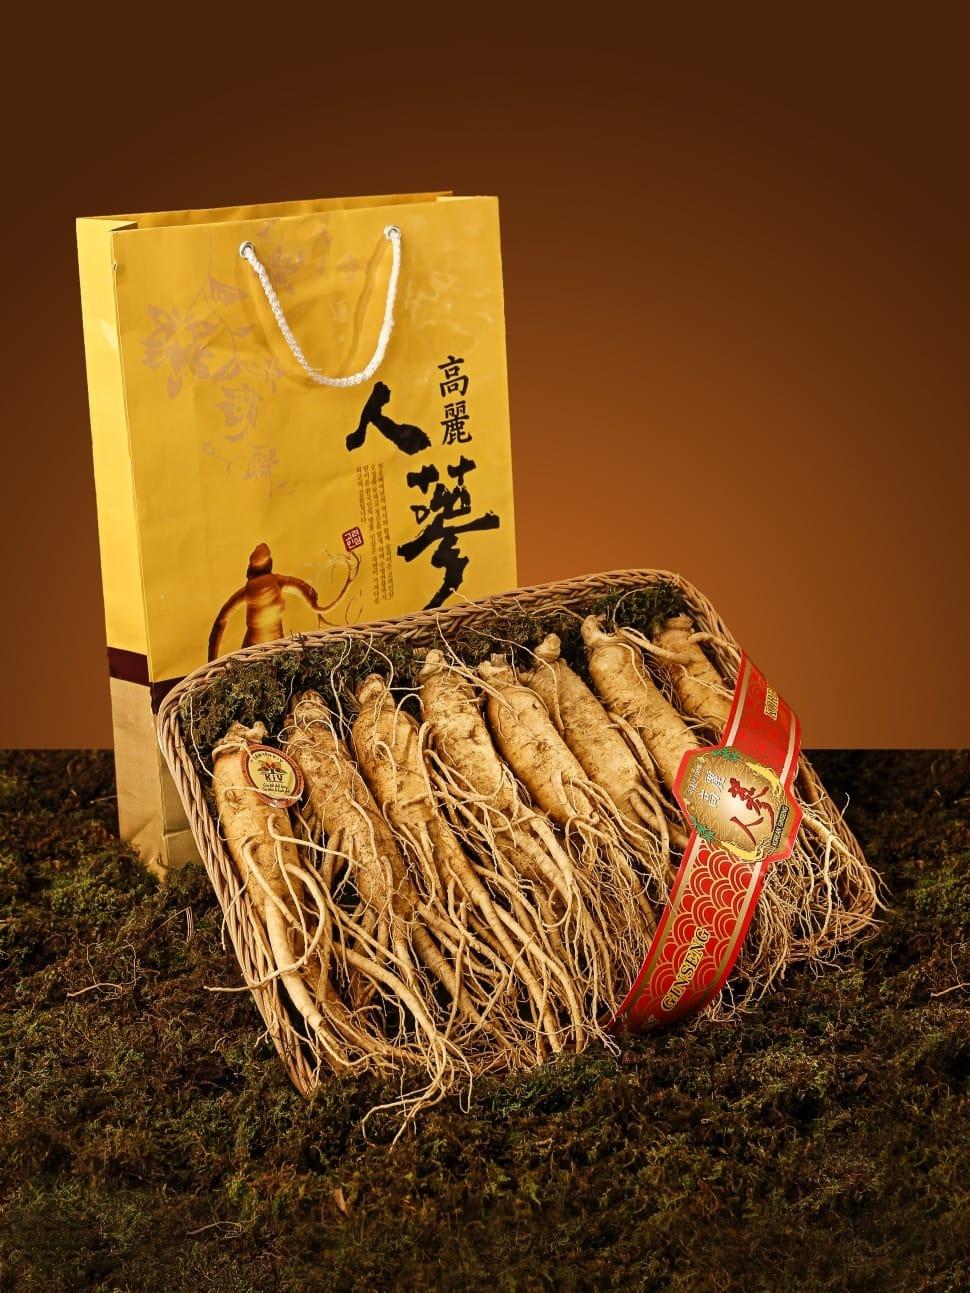 Набор корней женьшеня очень дорогой подарок в прямом и переносном смысле